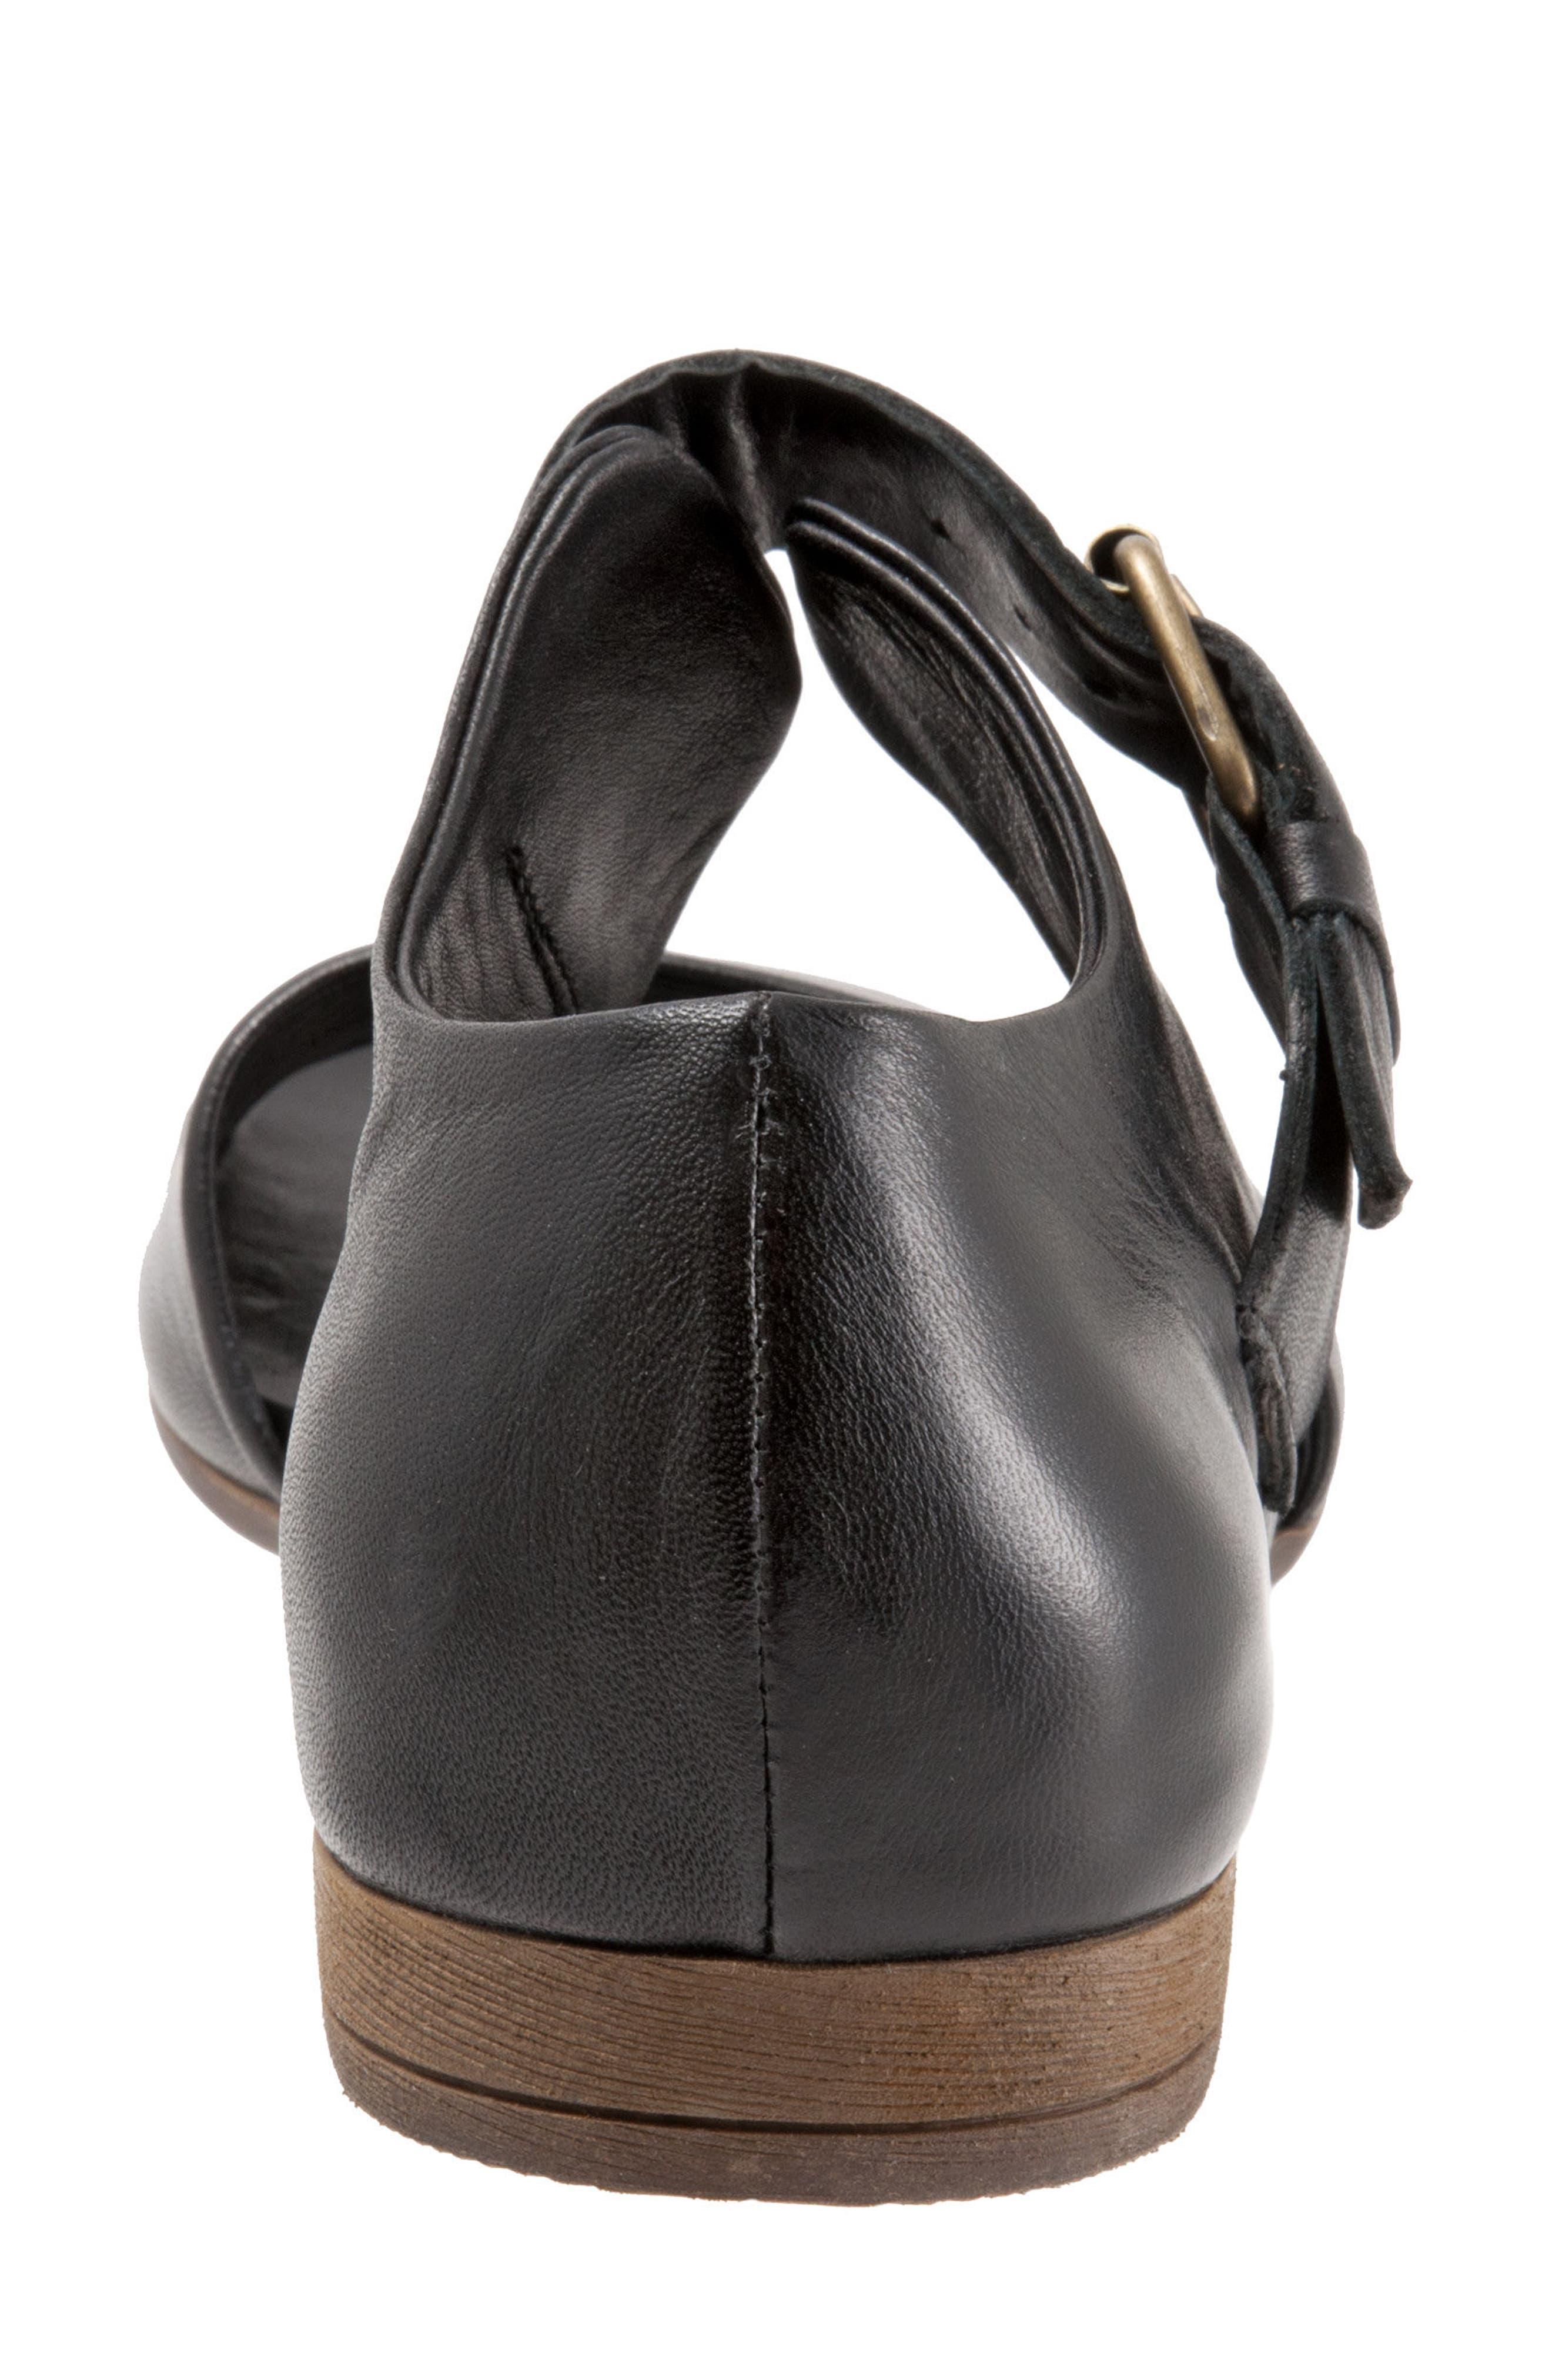 Talia Sandal,                             Alternate thumbnail 6, color,                             Black Leather